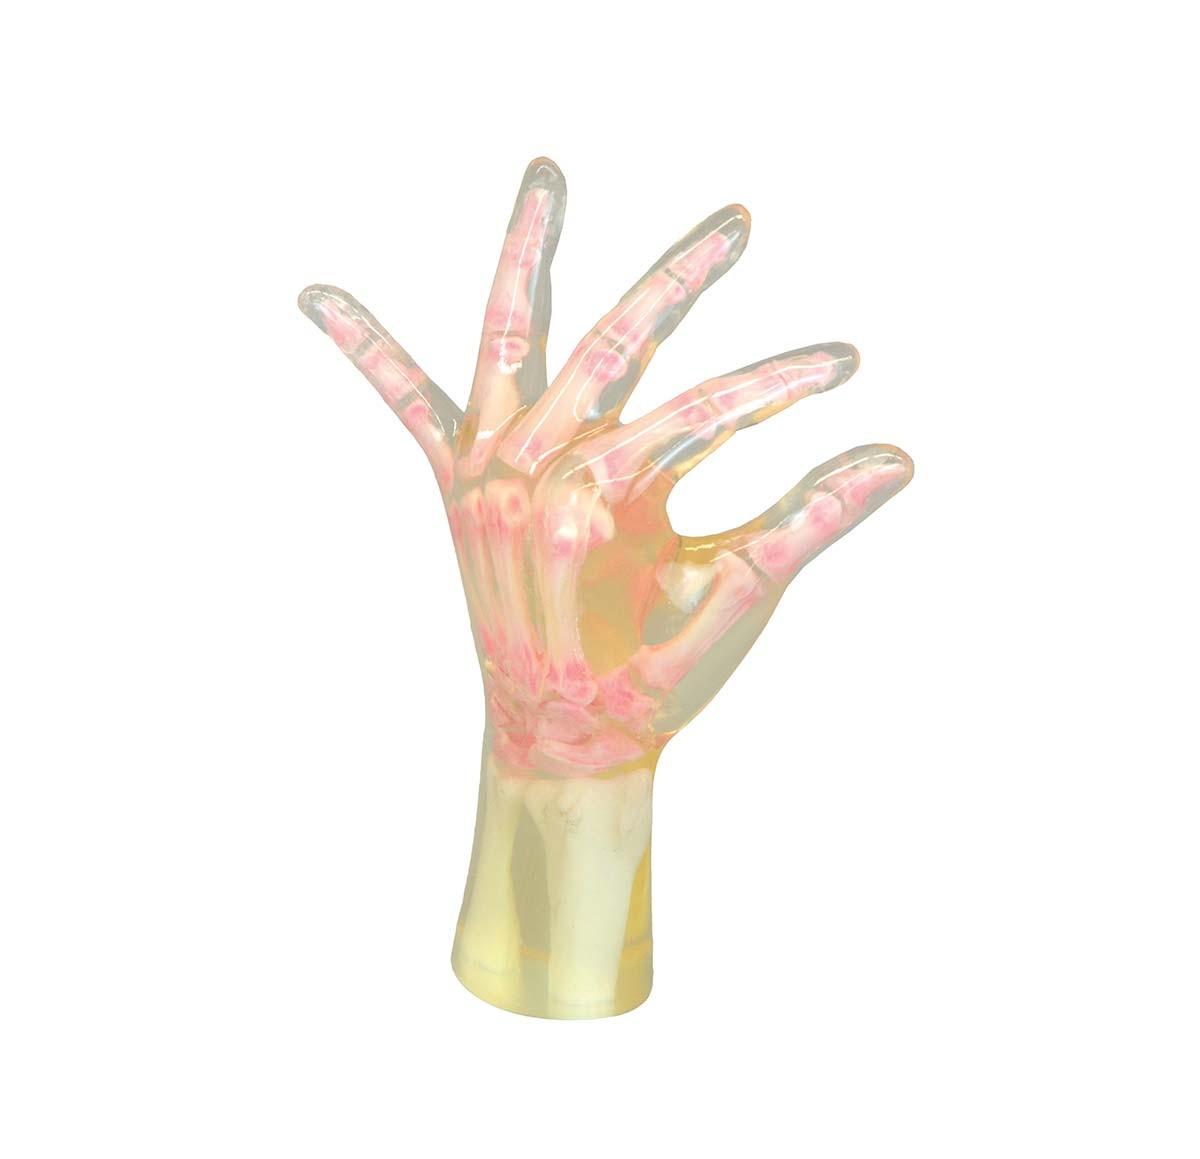 Röntgen-Teilphantom mit künstlichen Knochen - Linke Hand, transparent 1